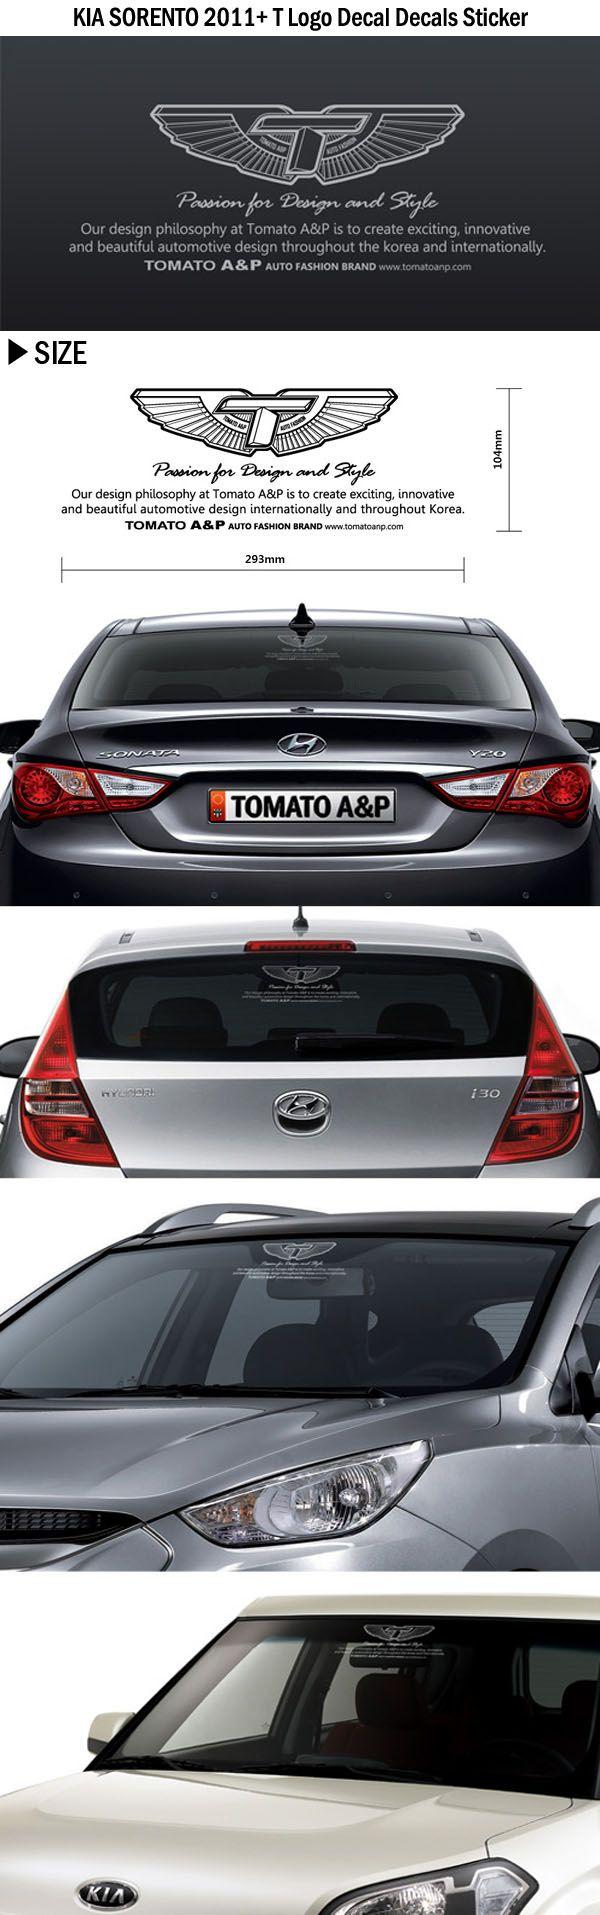 Kia Sorento 2011 T Logo Decal Decals Sticker